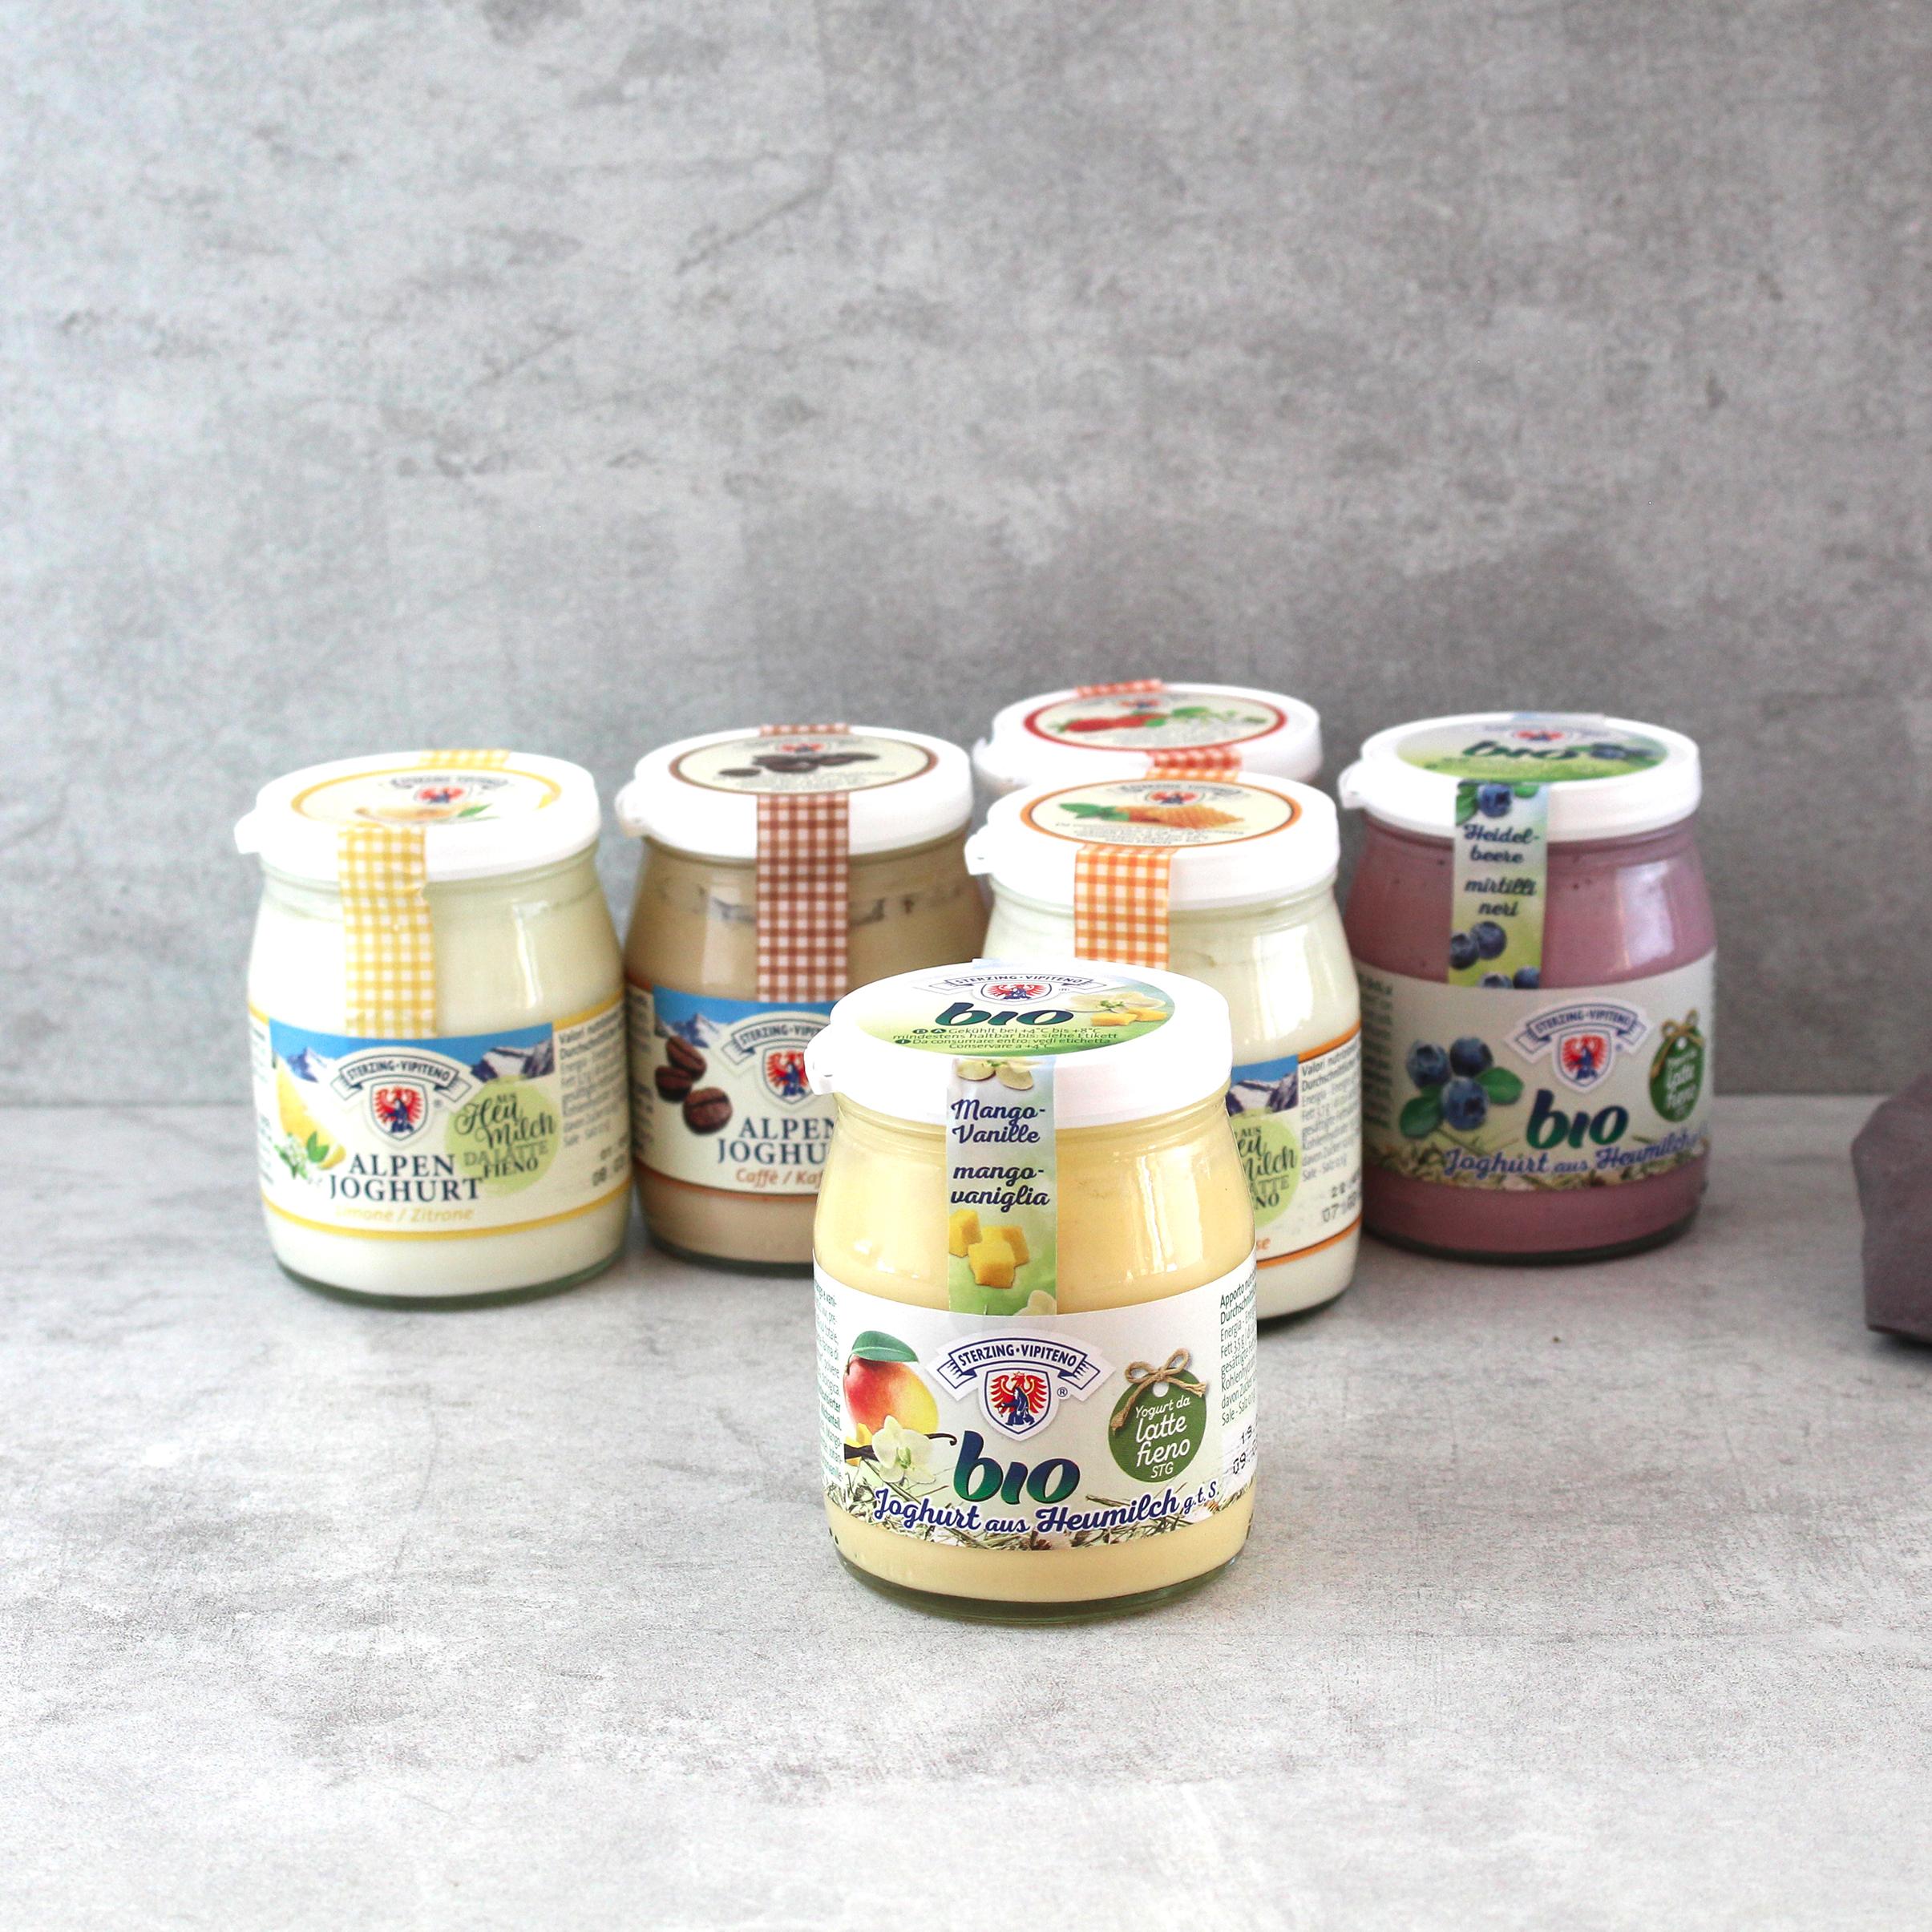 joghurt-sterzinger-mango-vanille-bio-10x150g-glas---karton-markthalle20-1